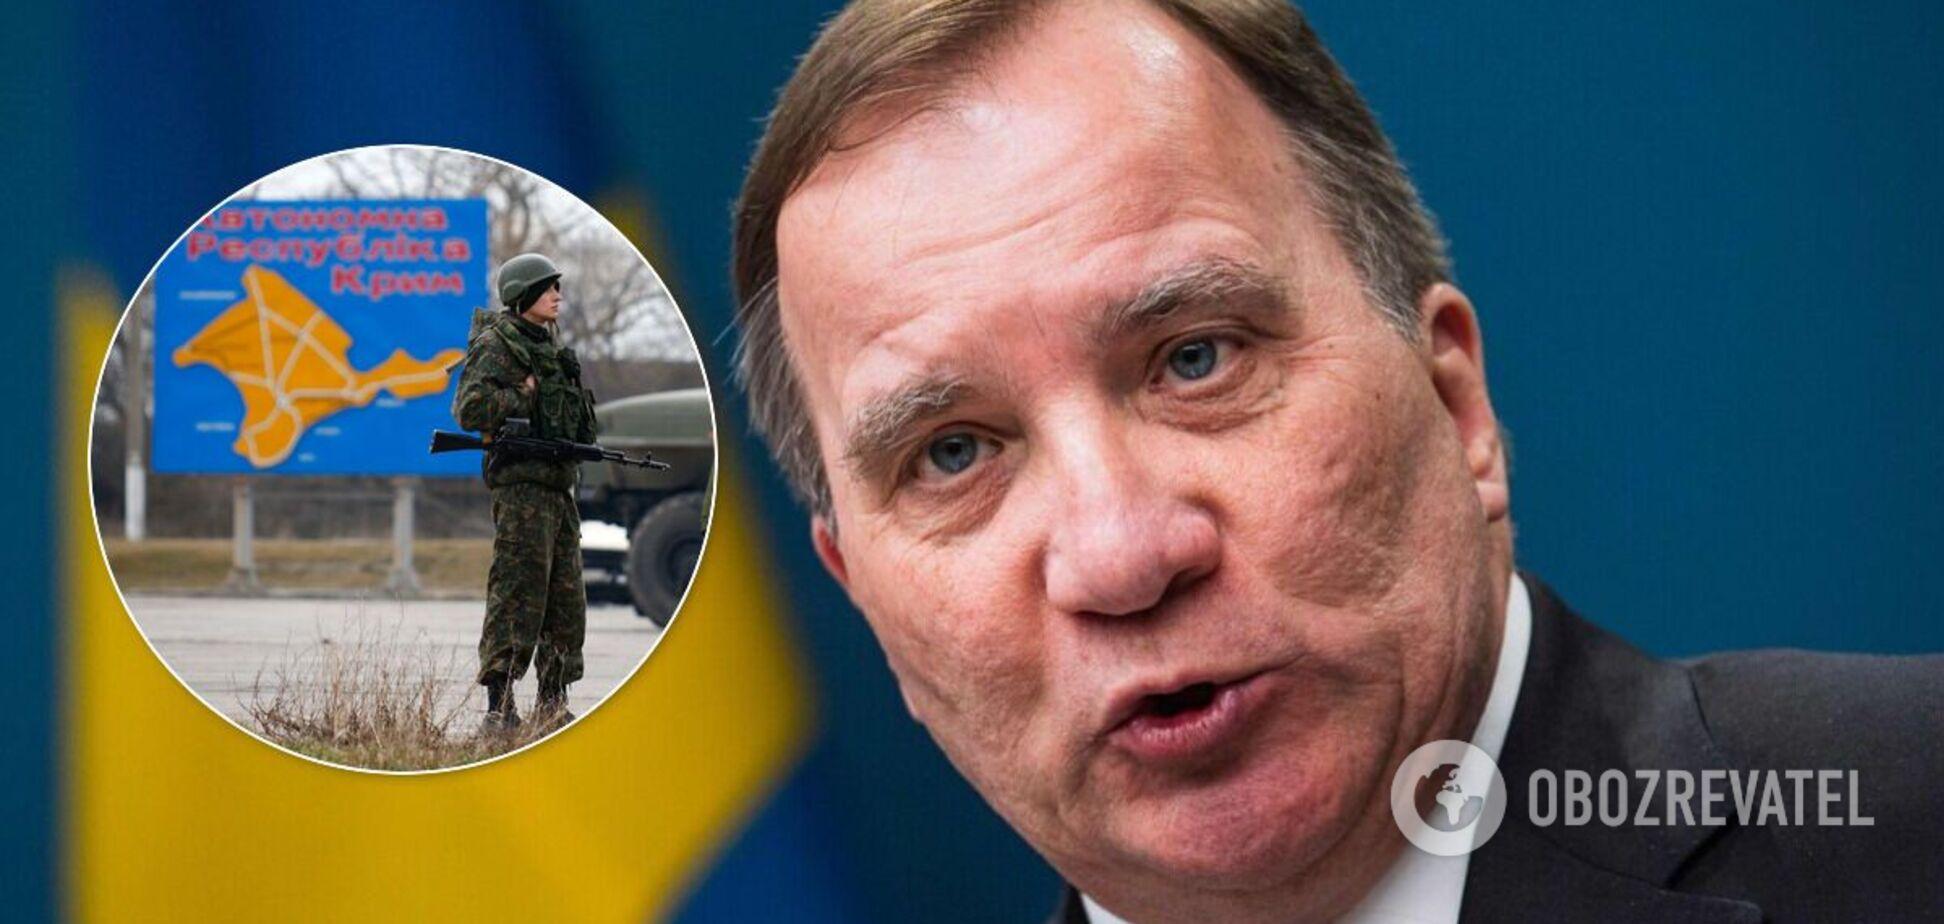 Прем'єр-міністр Швеції Стефан Левен